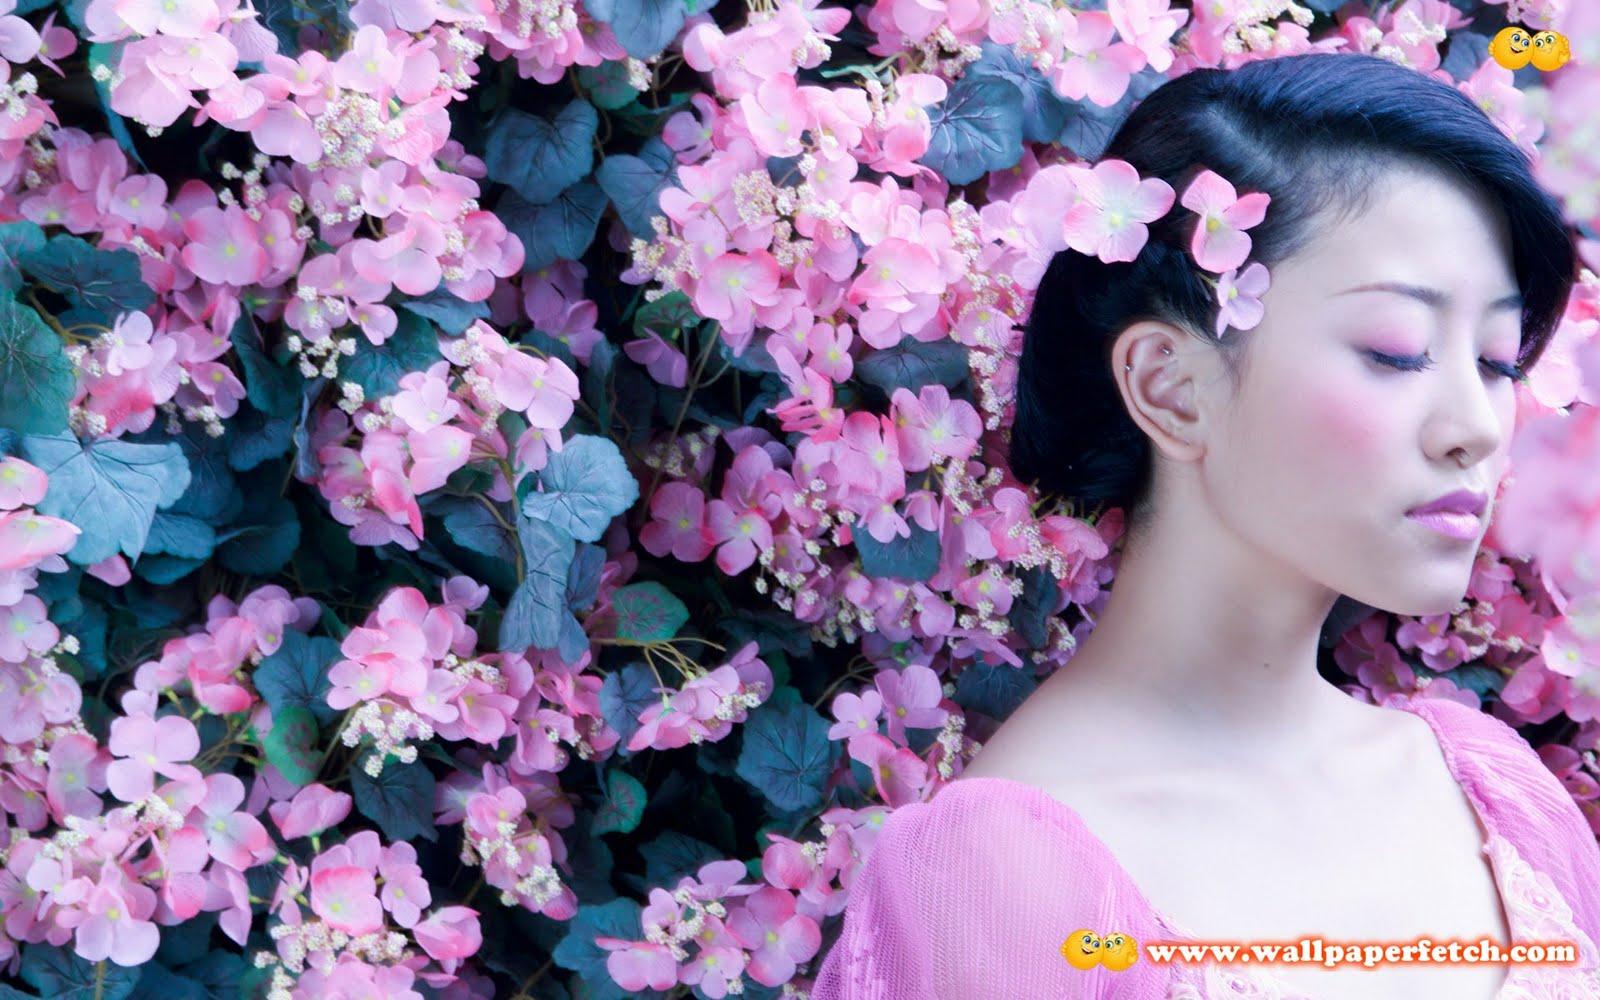 http://4.bp.blogspot.com/-jdWYEws4BuM/TqhDLmfzsjI/AAAAAAAAD70/5XOTCuBF2w8/s1600/SuperPack%2BFlowers%2BHD%2BWallpapers%2BPart%2B1%2B%2528393%2529.jpg